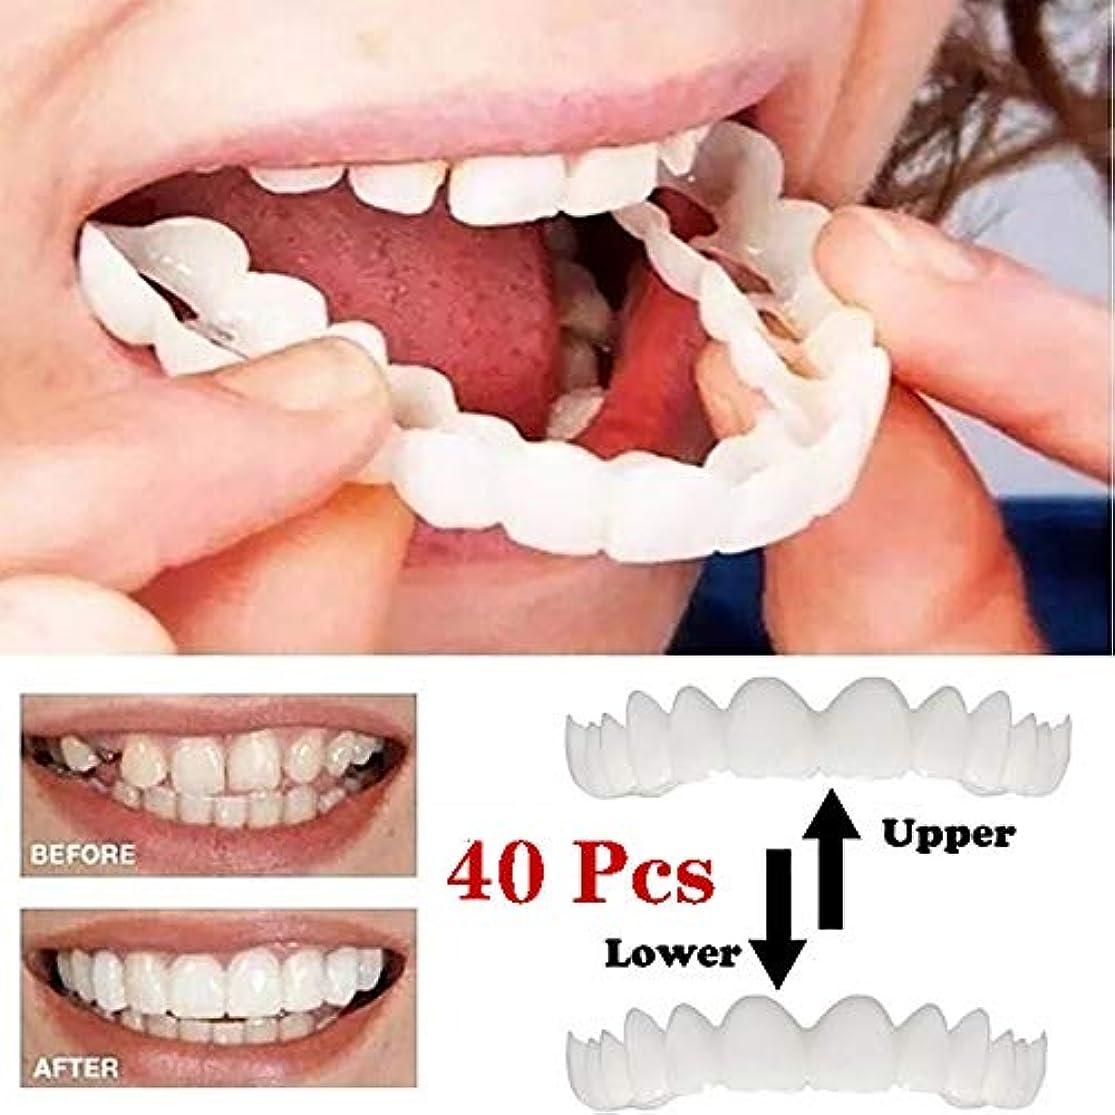 お酢絶望的な優先最新の化粧板の歯、化粧品の歯40個 - 一時的な笑顔の快適さフィットフレックス化粧品の歯、ワンサイズが最もフィット - 歯突き板(下+上)